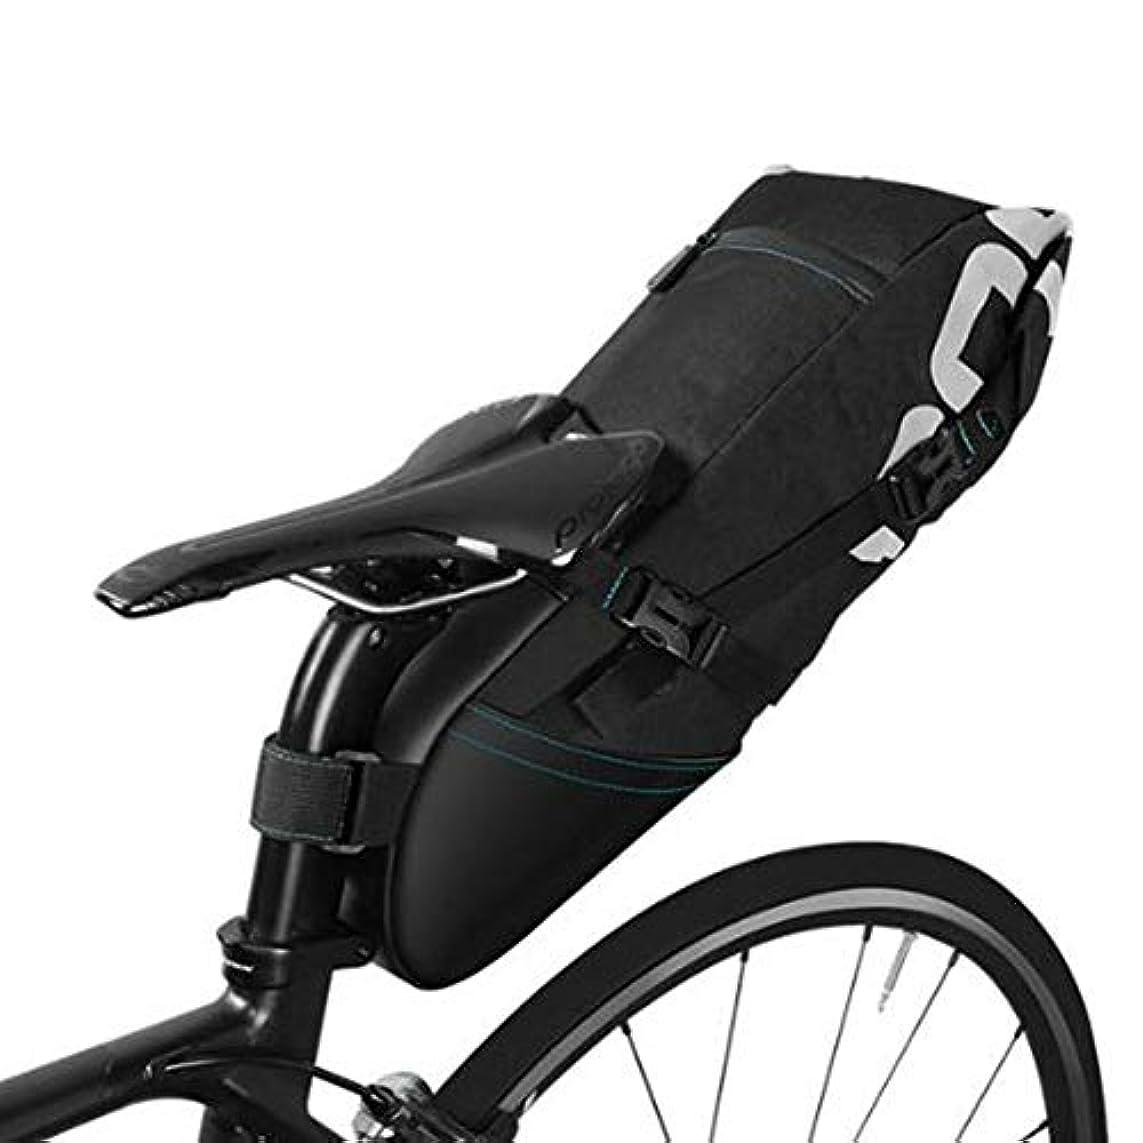 運ぶコンピューターを使用する警戒自転車のサドルバッグ、防水ポリエステルリアシートバッグ、自転車のテールライト(ライトを含まない)、ウォーターボトルバッグ自転車の修理ツールキットのバッグライディングバッグ、すべての自転車に適しています